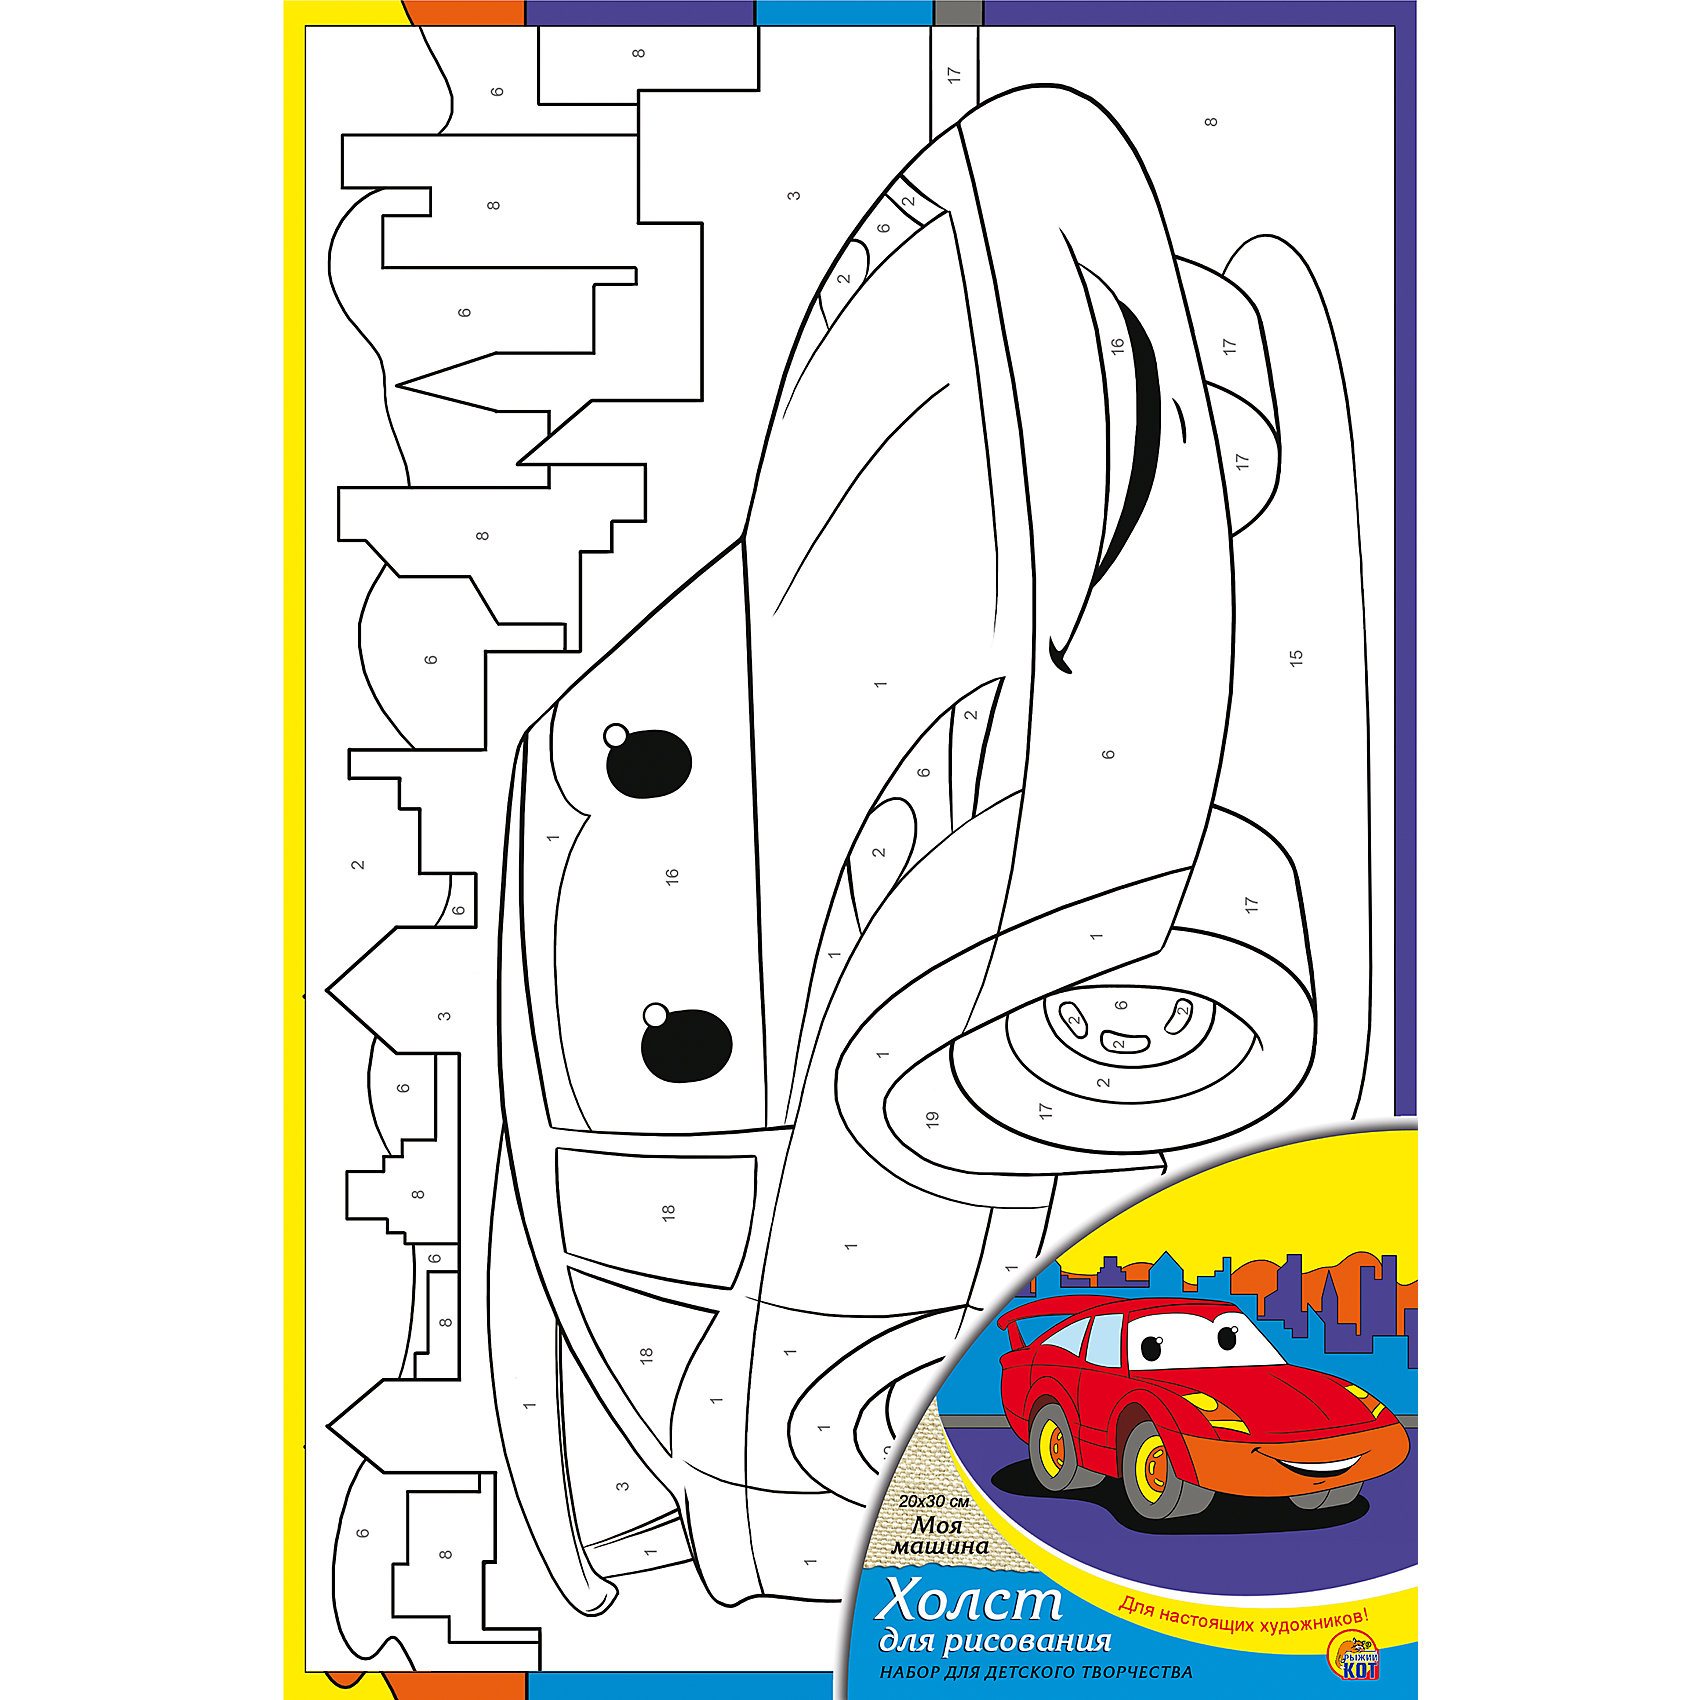 Холст с красками по номерам Моя машина 20х30 смзамечательные наборы для создания уникального шедевра изобразительного искусства. Создание картин на специально подготовленной рабочей поверхности – это уникальная техника, позволяющая делать Ваши шедевры более яркими и реалистичными. Просто нанесите мазки на уже готовый эскиз и оживите картину! Готовые изделия могут стать украшением интерьера или прекрасным подарком близким и друзьям.<br><br>Ширина мм: 200<br>Глубина мм: 300<br>Высота мм: 15<br>Вес г: 933<br>Возраст от месяцев: 36<br>Возраст до месяцев: 108<br>Пол: Унисекс<br>Возраст: Детский<br>SKU: 5096743